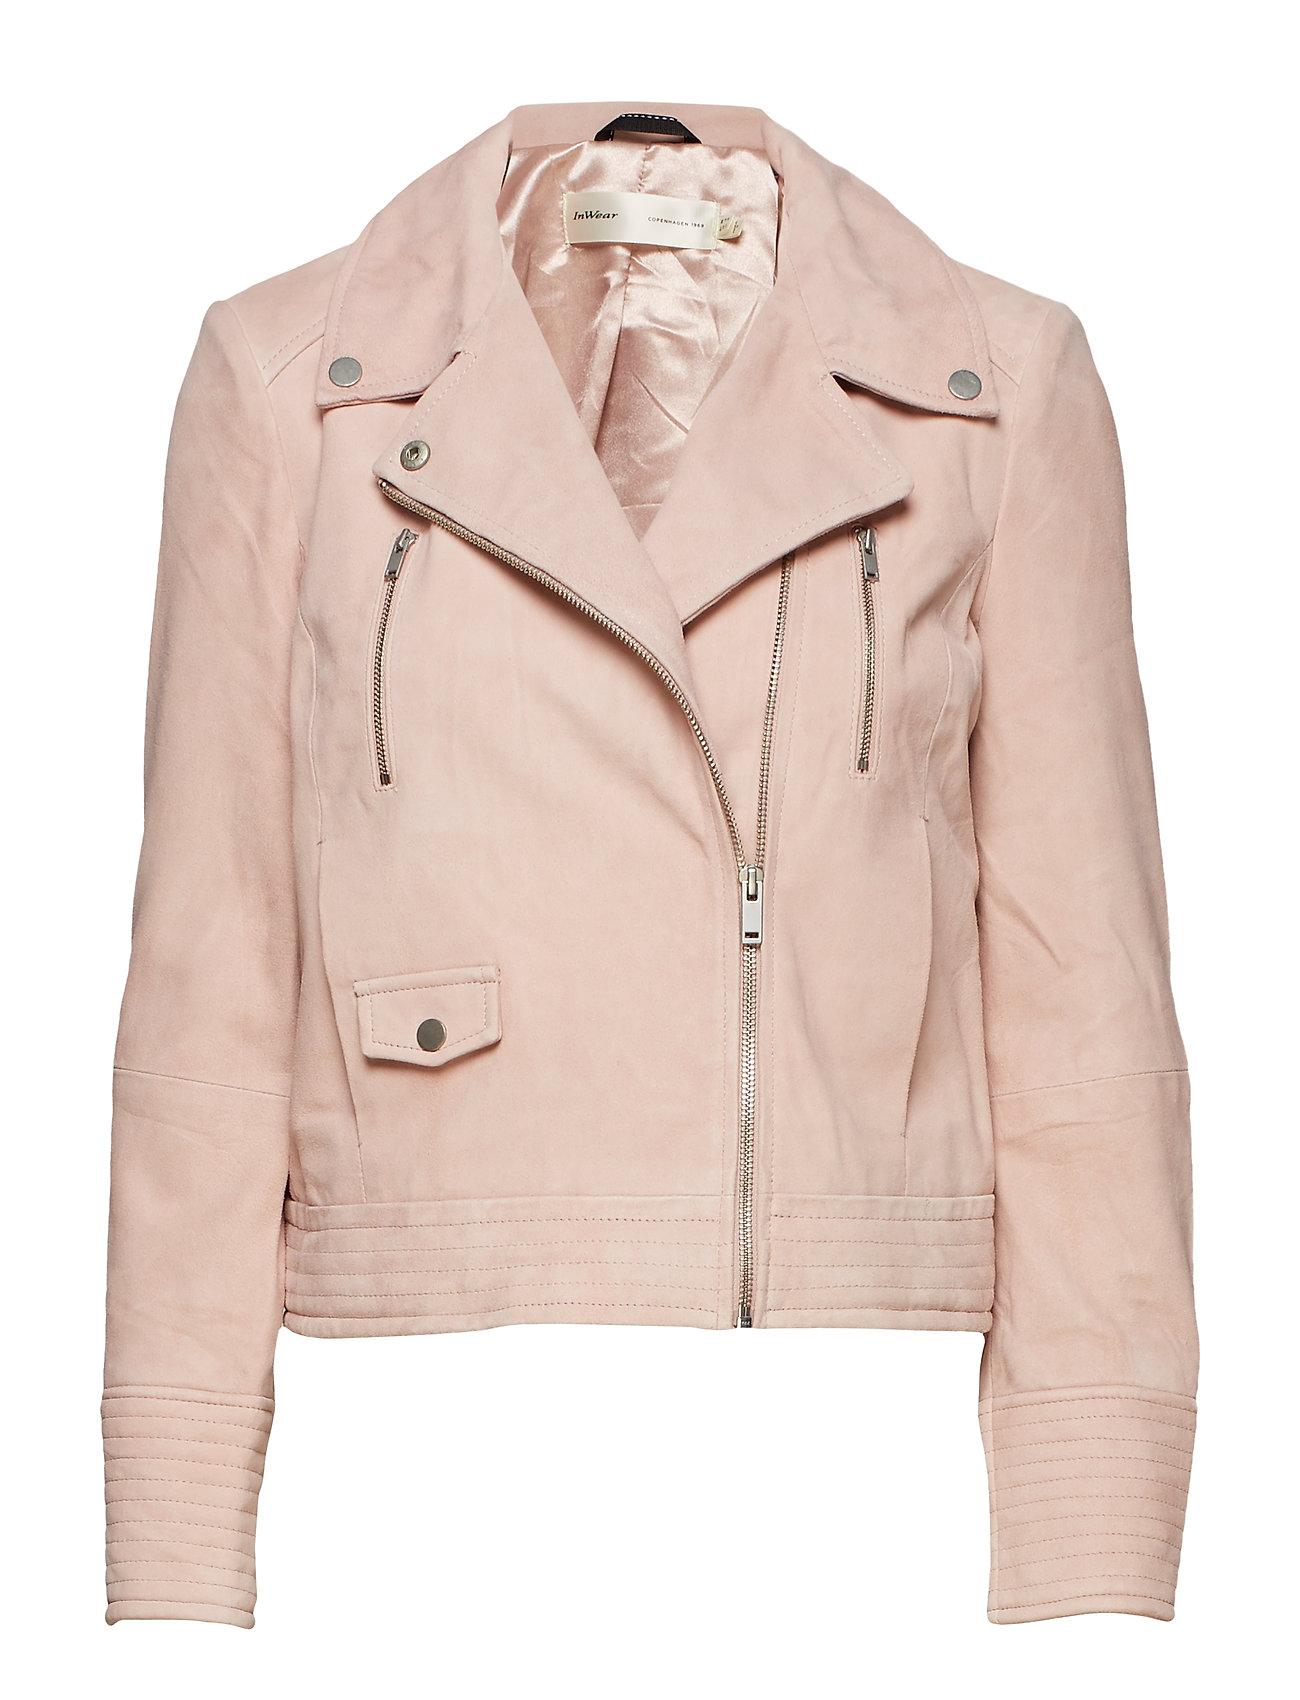 InWear Acezine Jacket